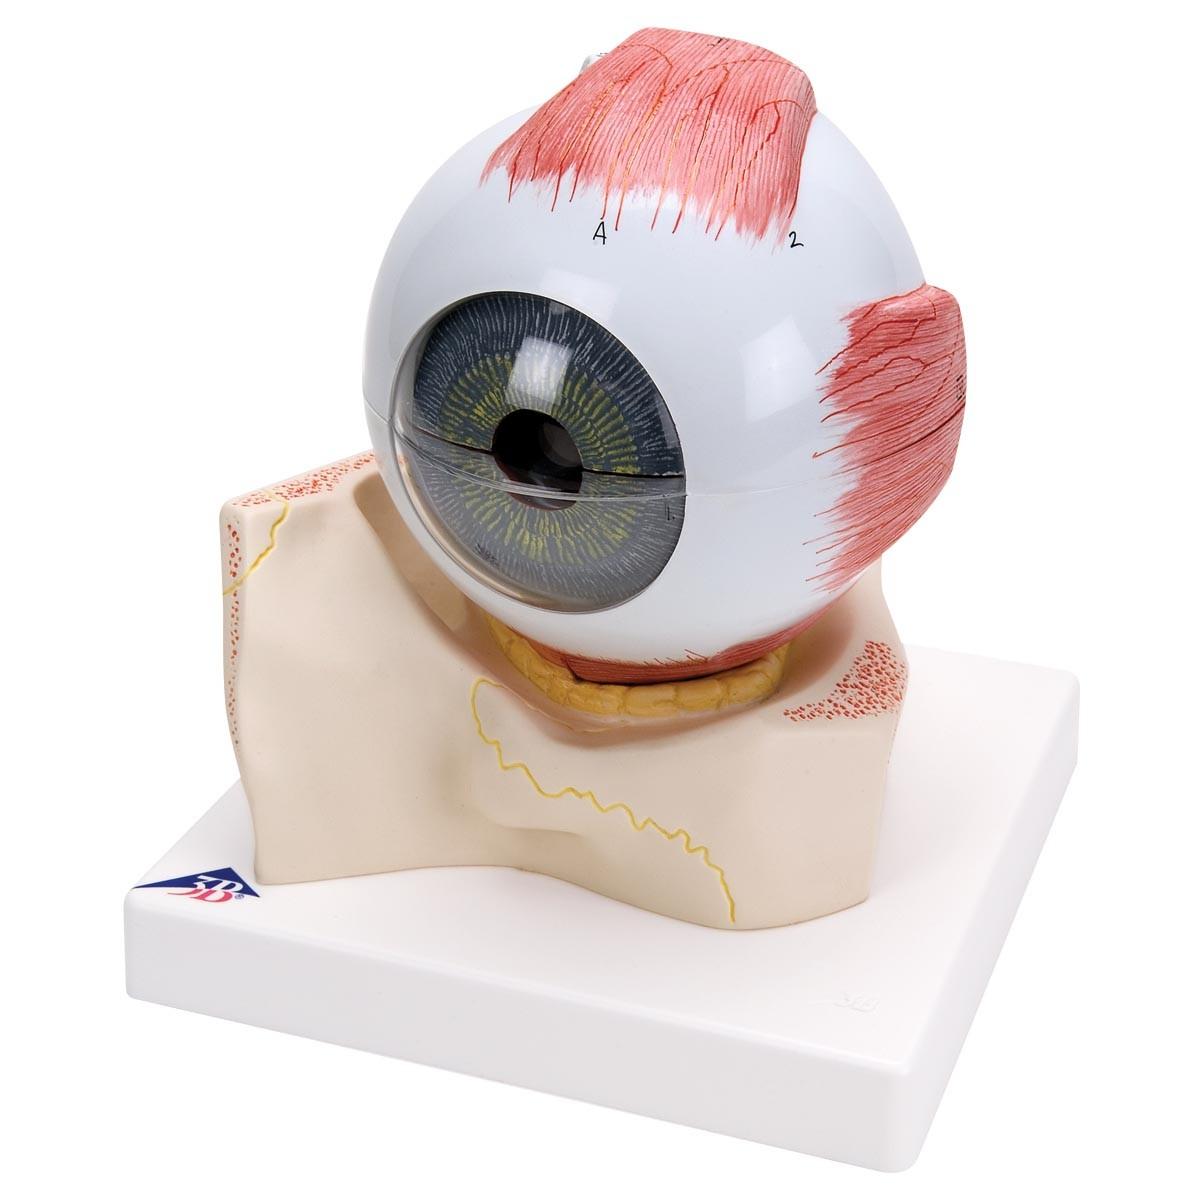 Auge, 5-fache Größe, 7-teilig